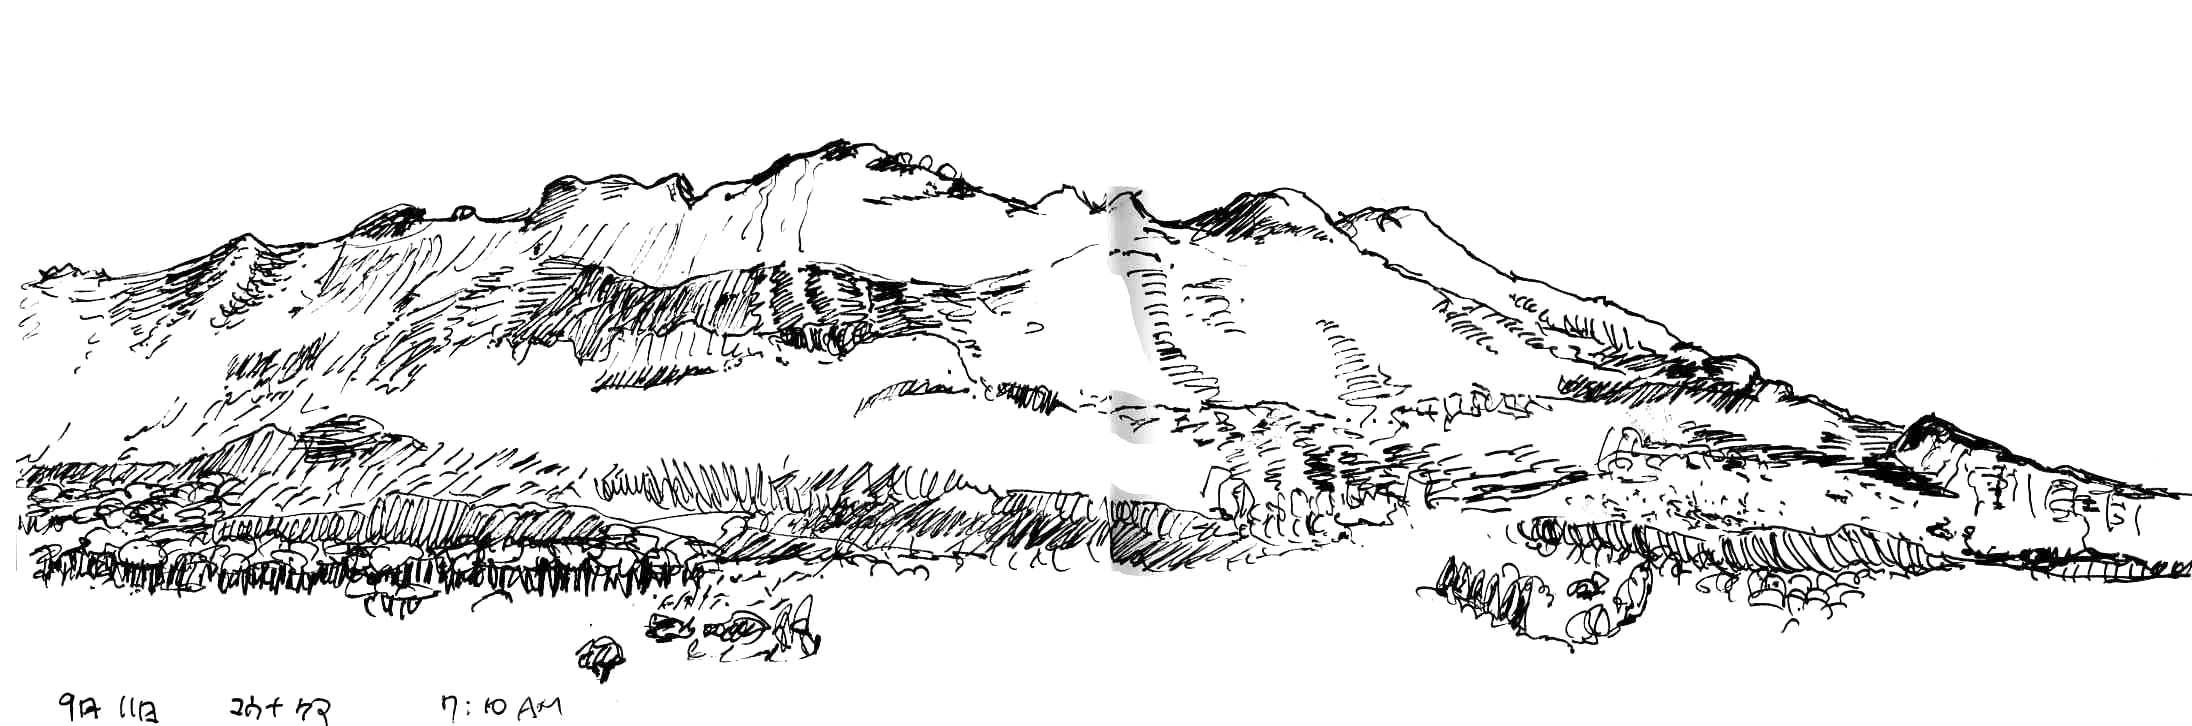 Mauna Kea by Kazuo Terawaki